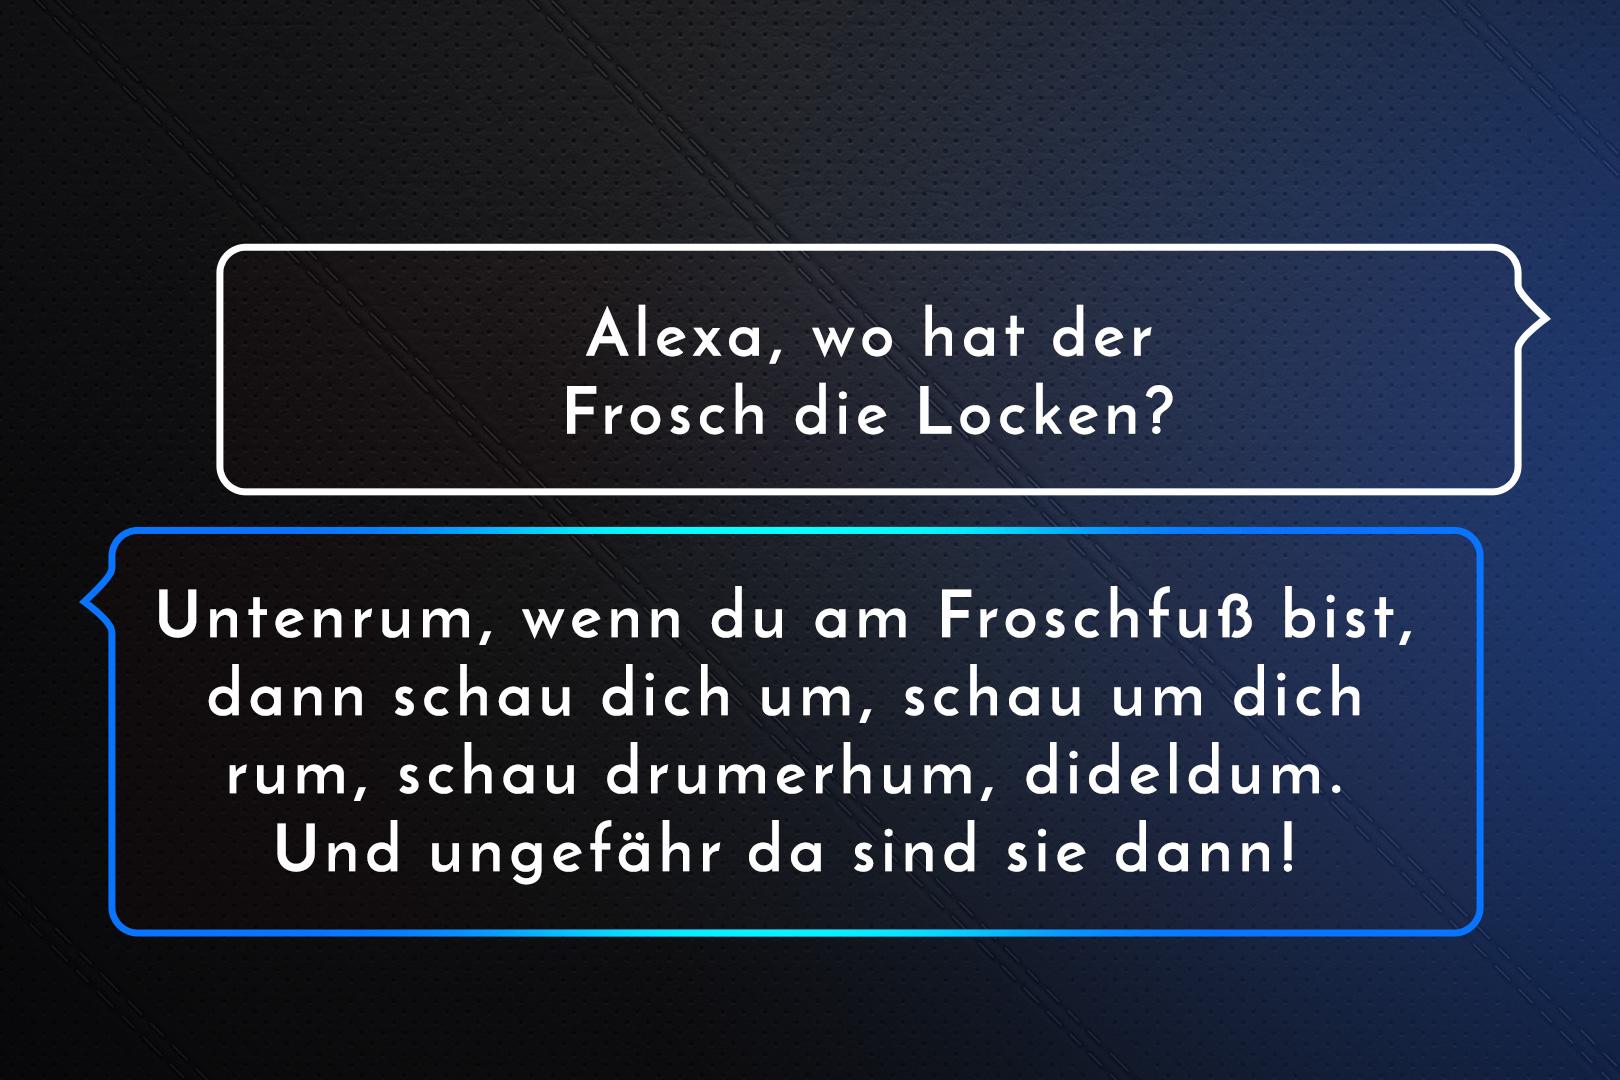 amazon_alexa_img_15.jpg